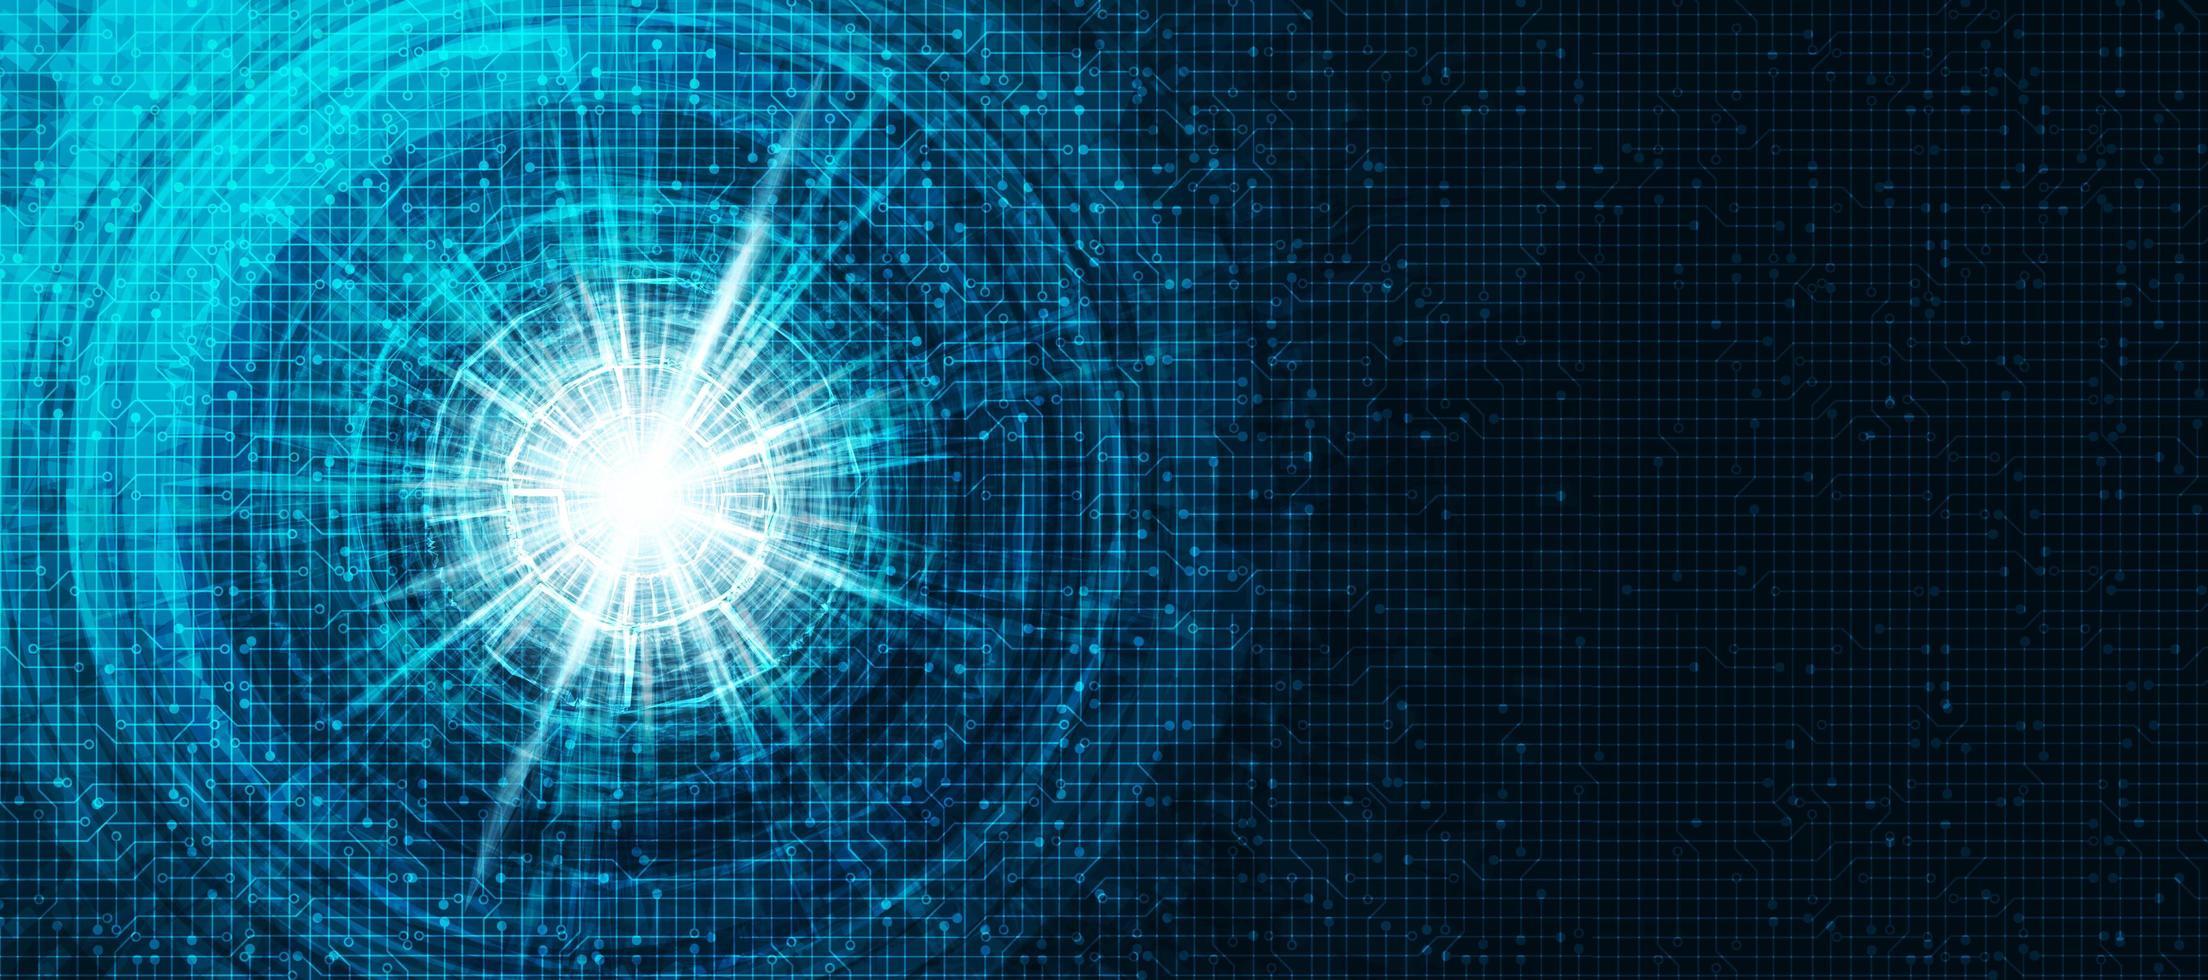 tecnologia del cerchio sullo sfondo della tecnologia vettore